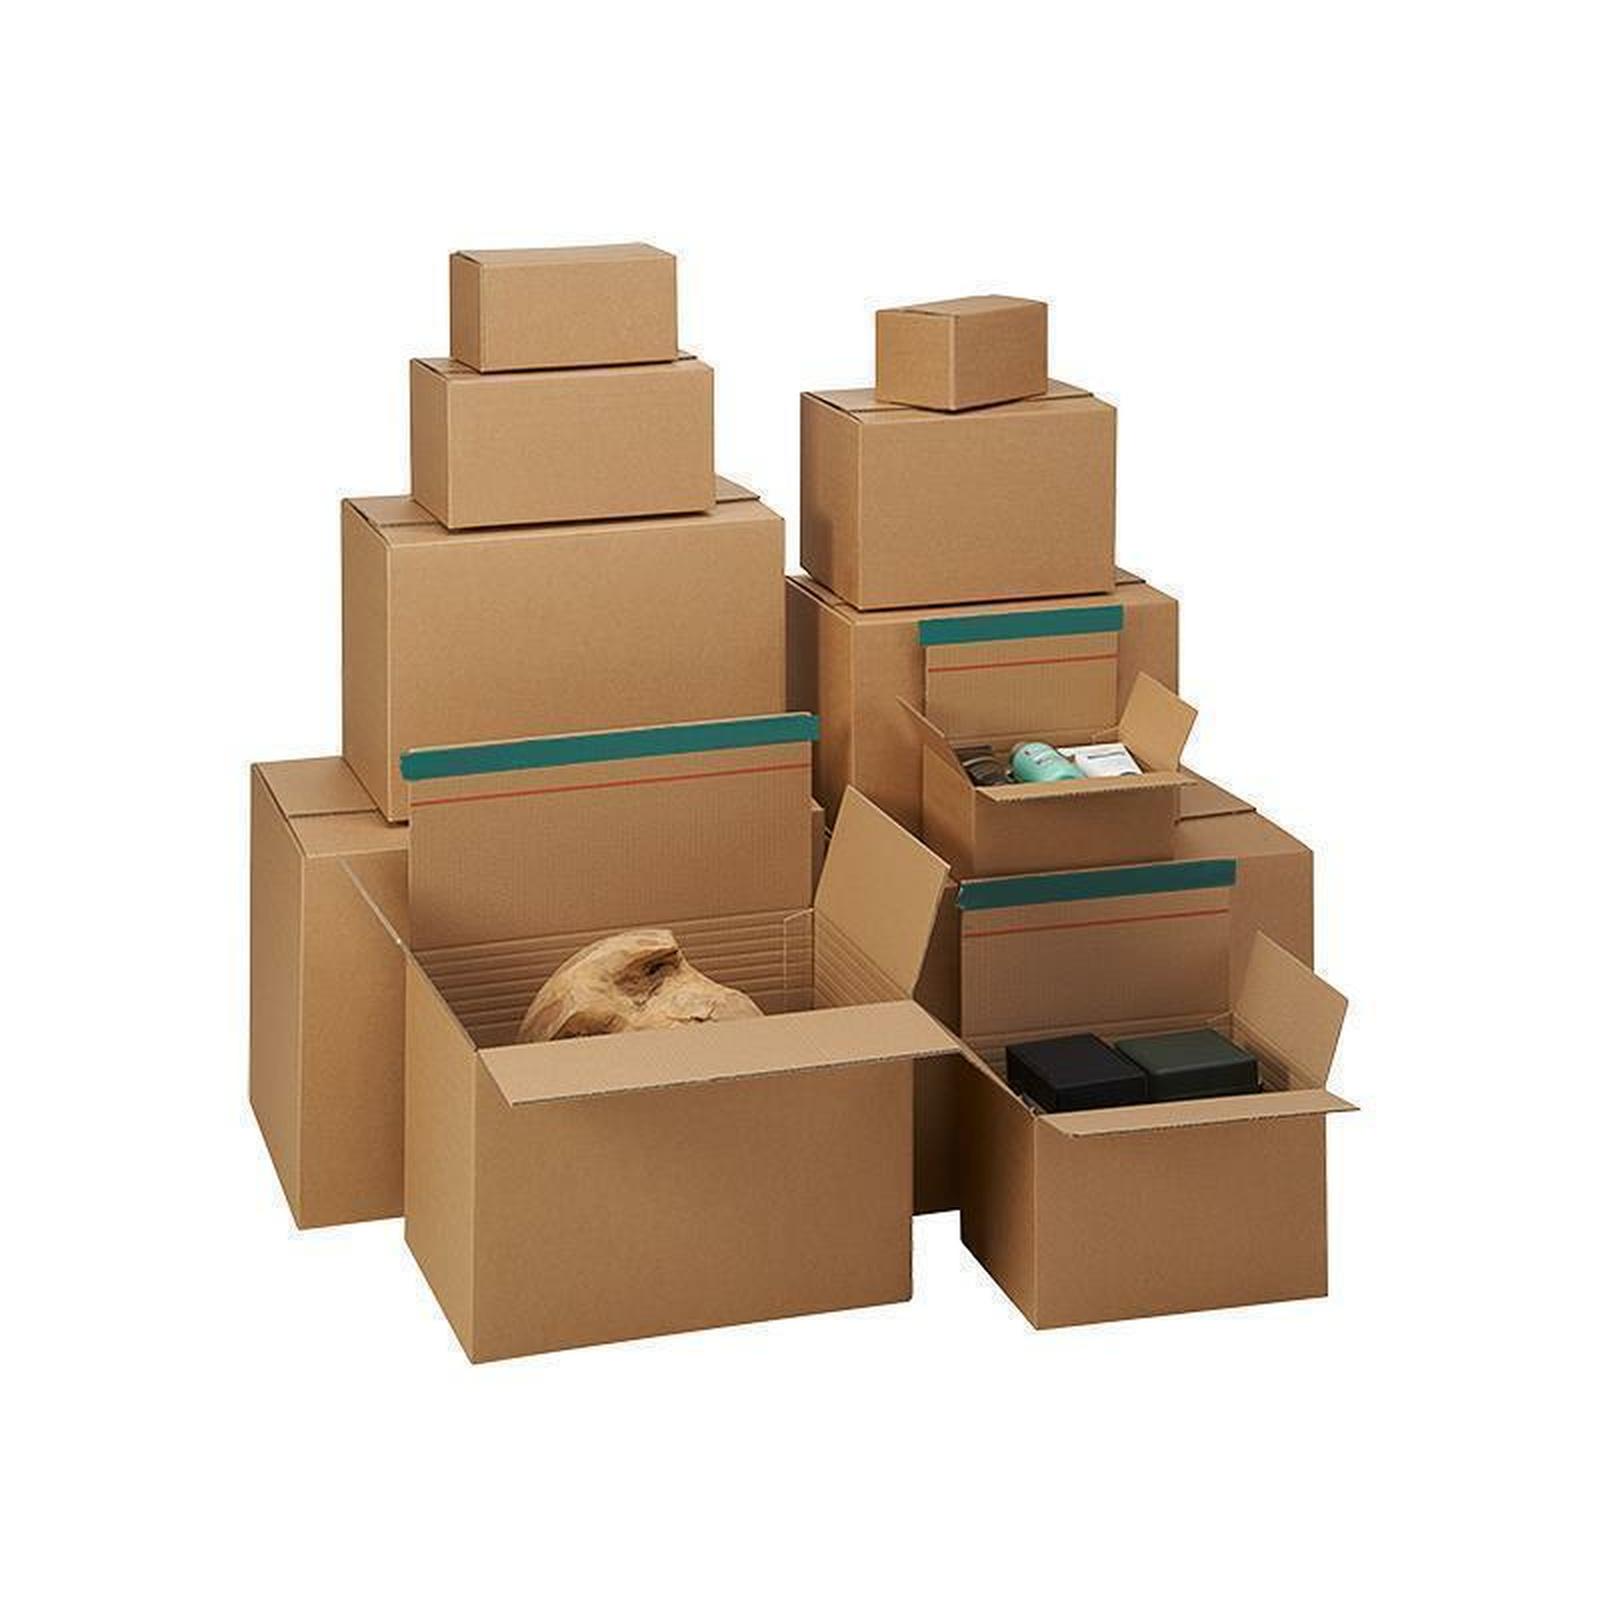 fix aufrichtekartons b3 500x390x215 350 mm g nstig kaufen. Black Bedroom Furniture Sets. Home Design Ideas